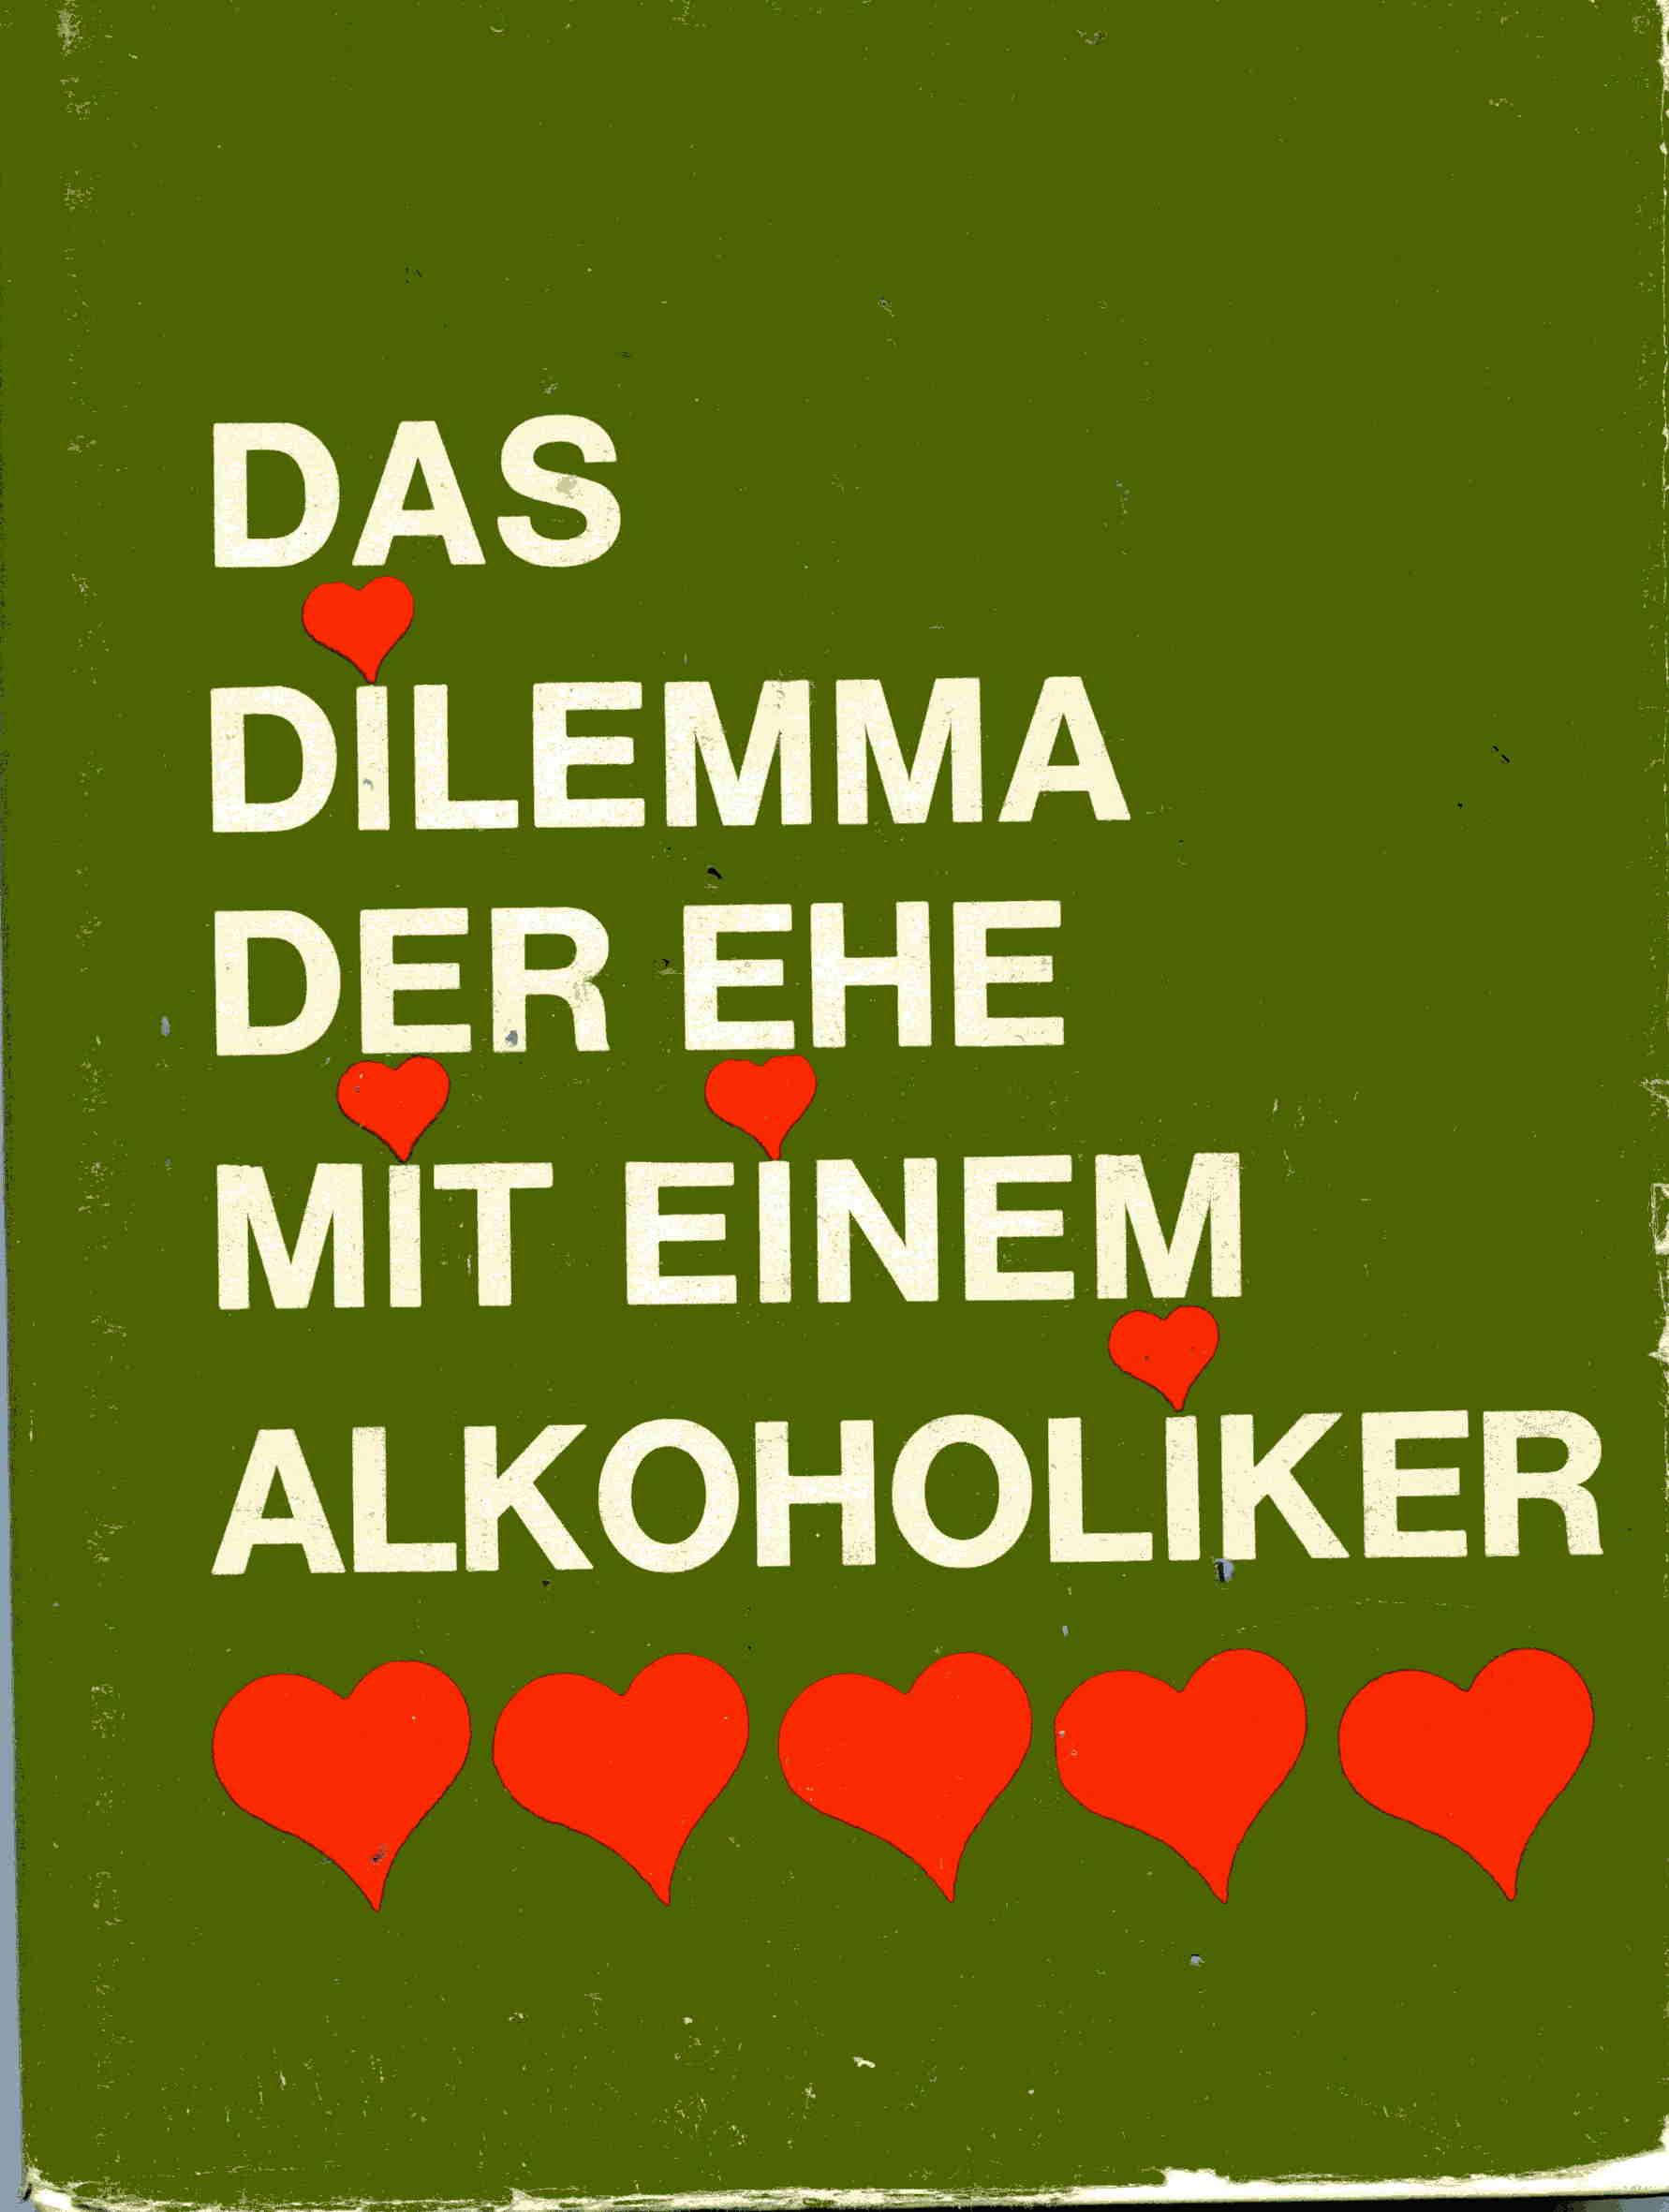 """Foto: Buch """"Das Dilemma der Ehe mit einem Alkoholiker"""" (102)"""